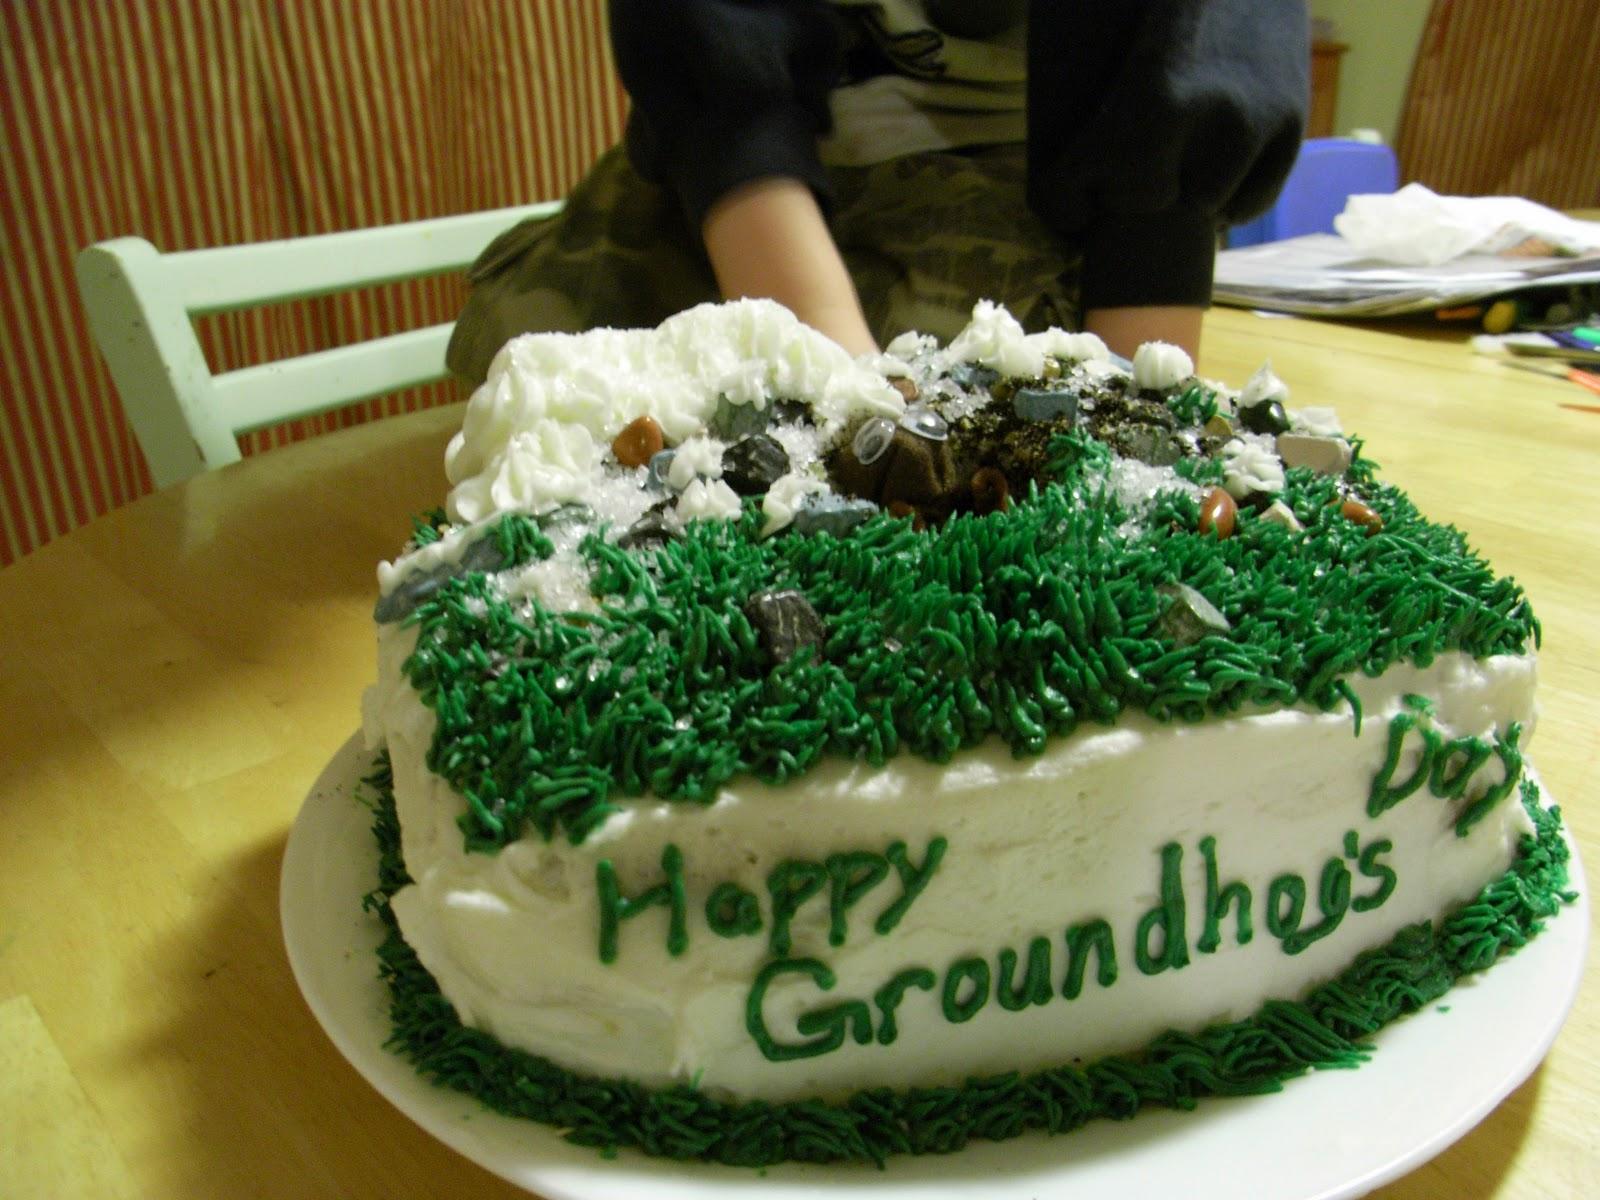 Happy Groundhog Day Birthday Cake